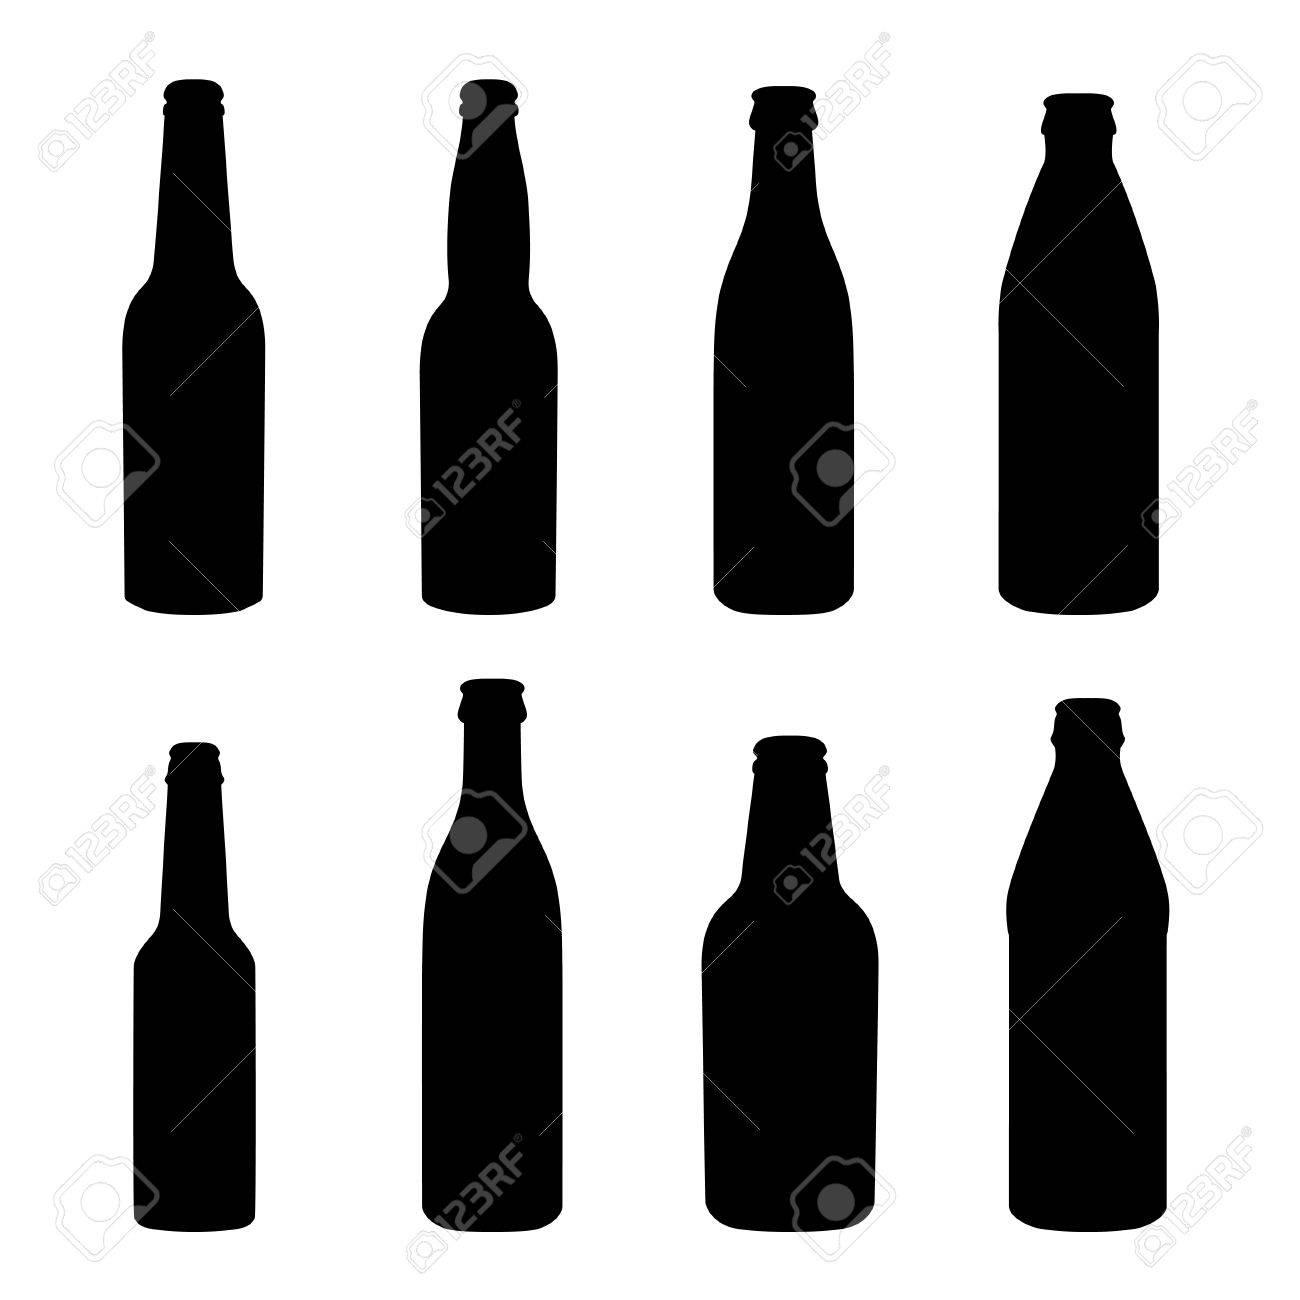 アルコール ボトル 素材